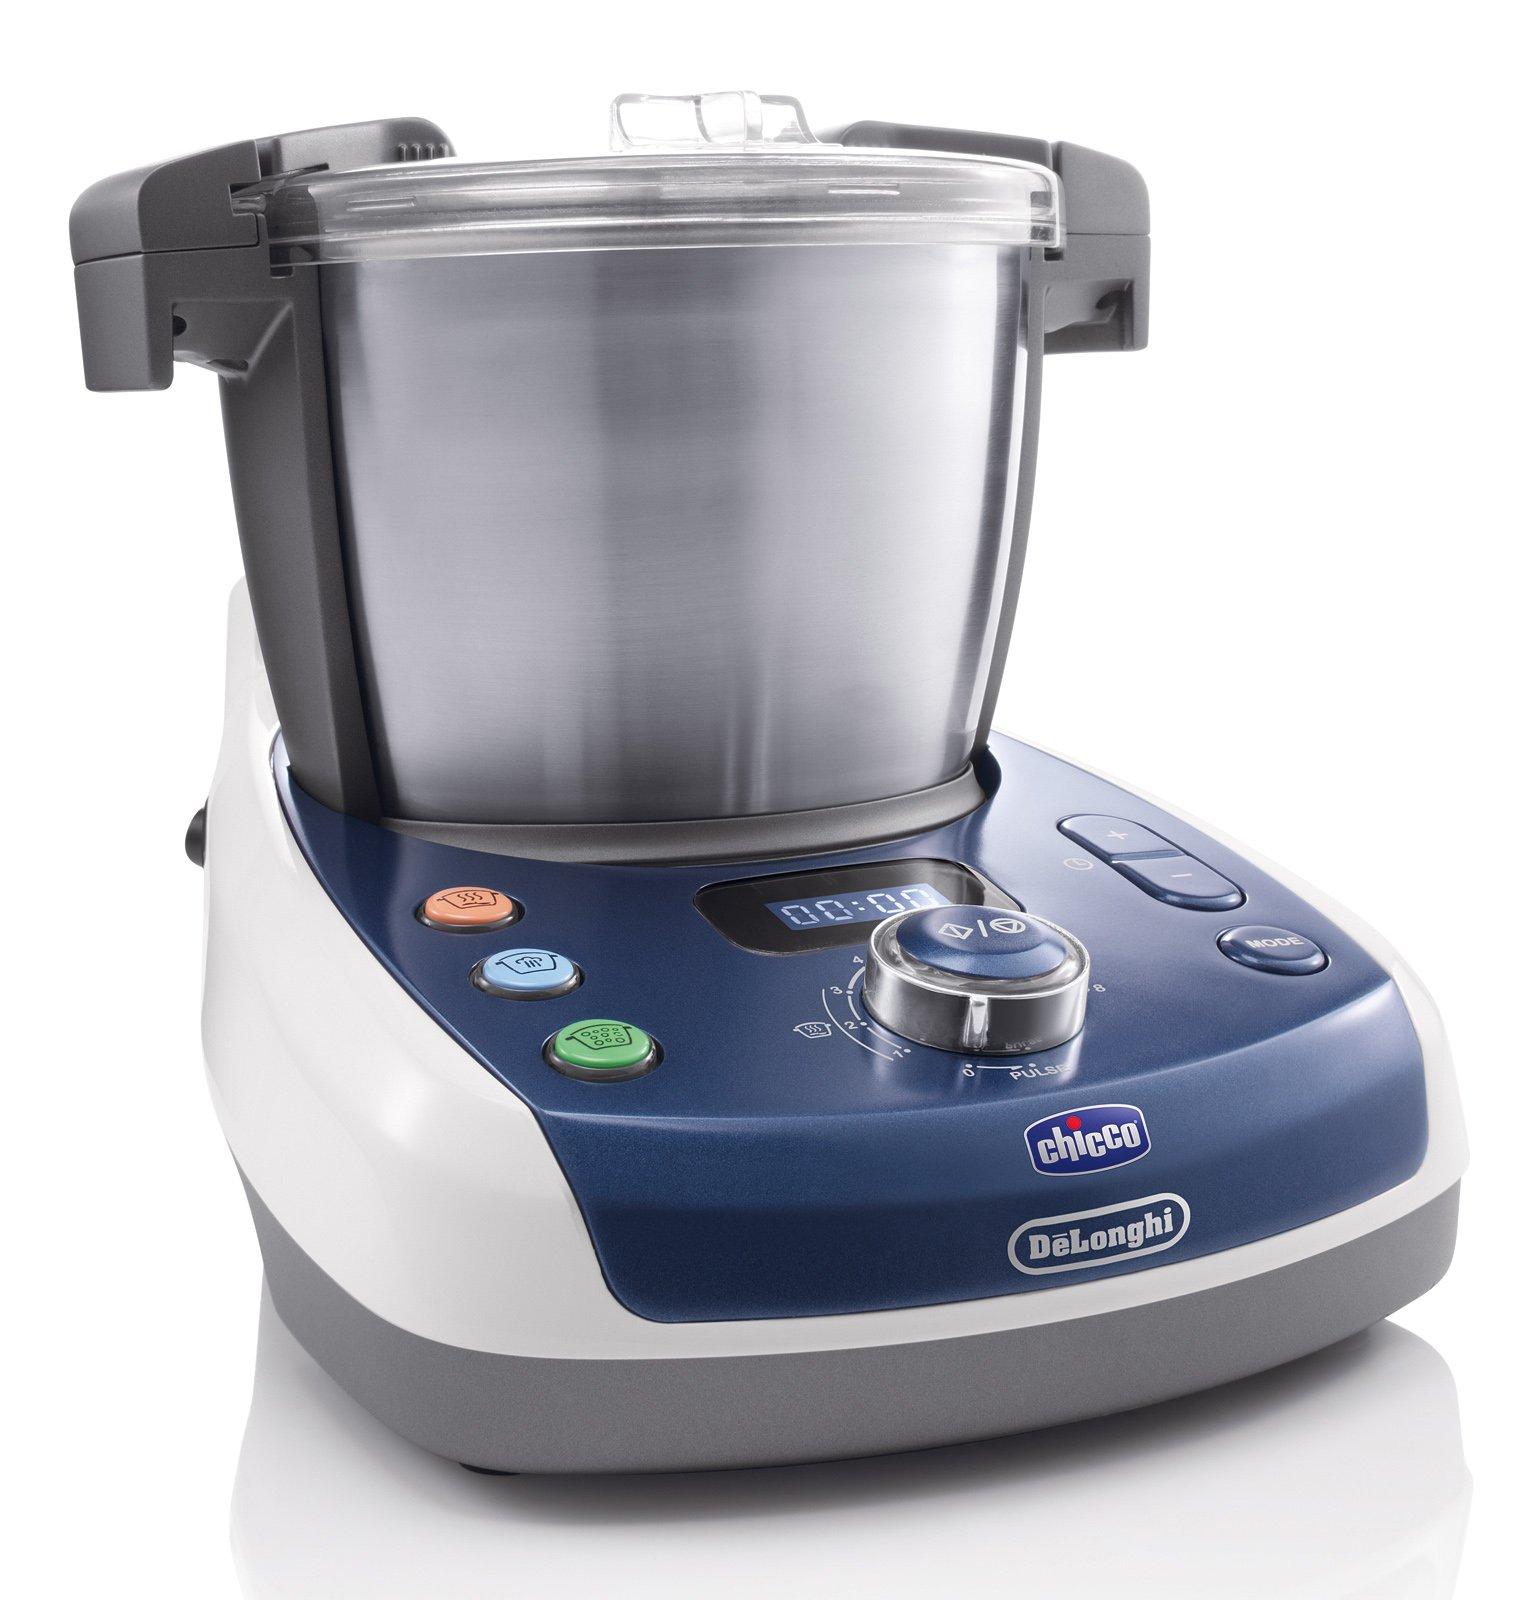 Piccoli elettrodomestici per la cucina tante funzioni in poco spazio cose di casa - Robot da cucina che cuoce ...